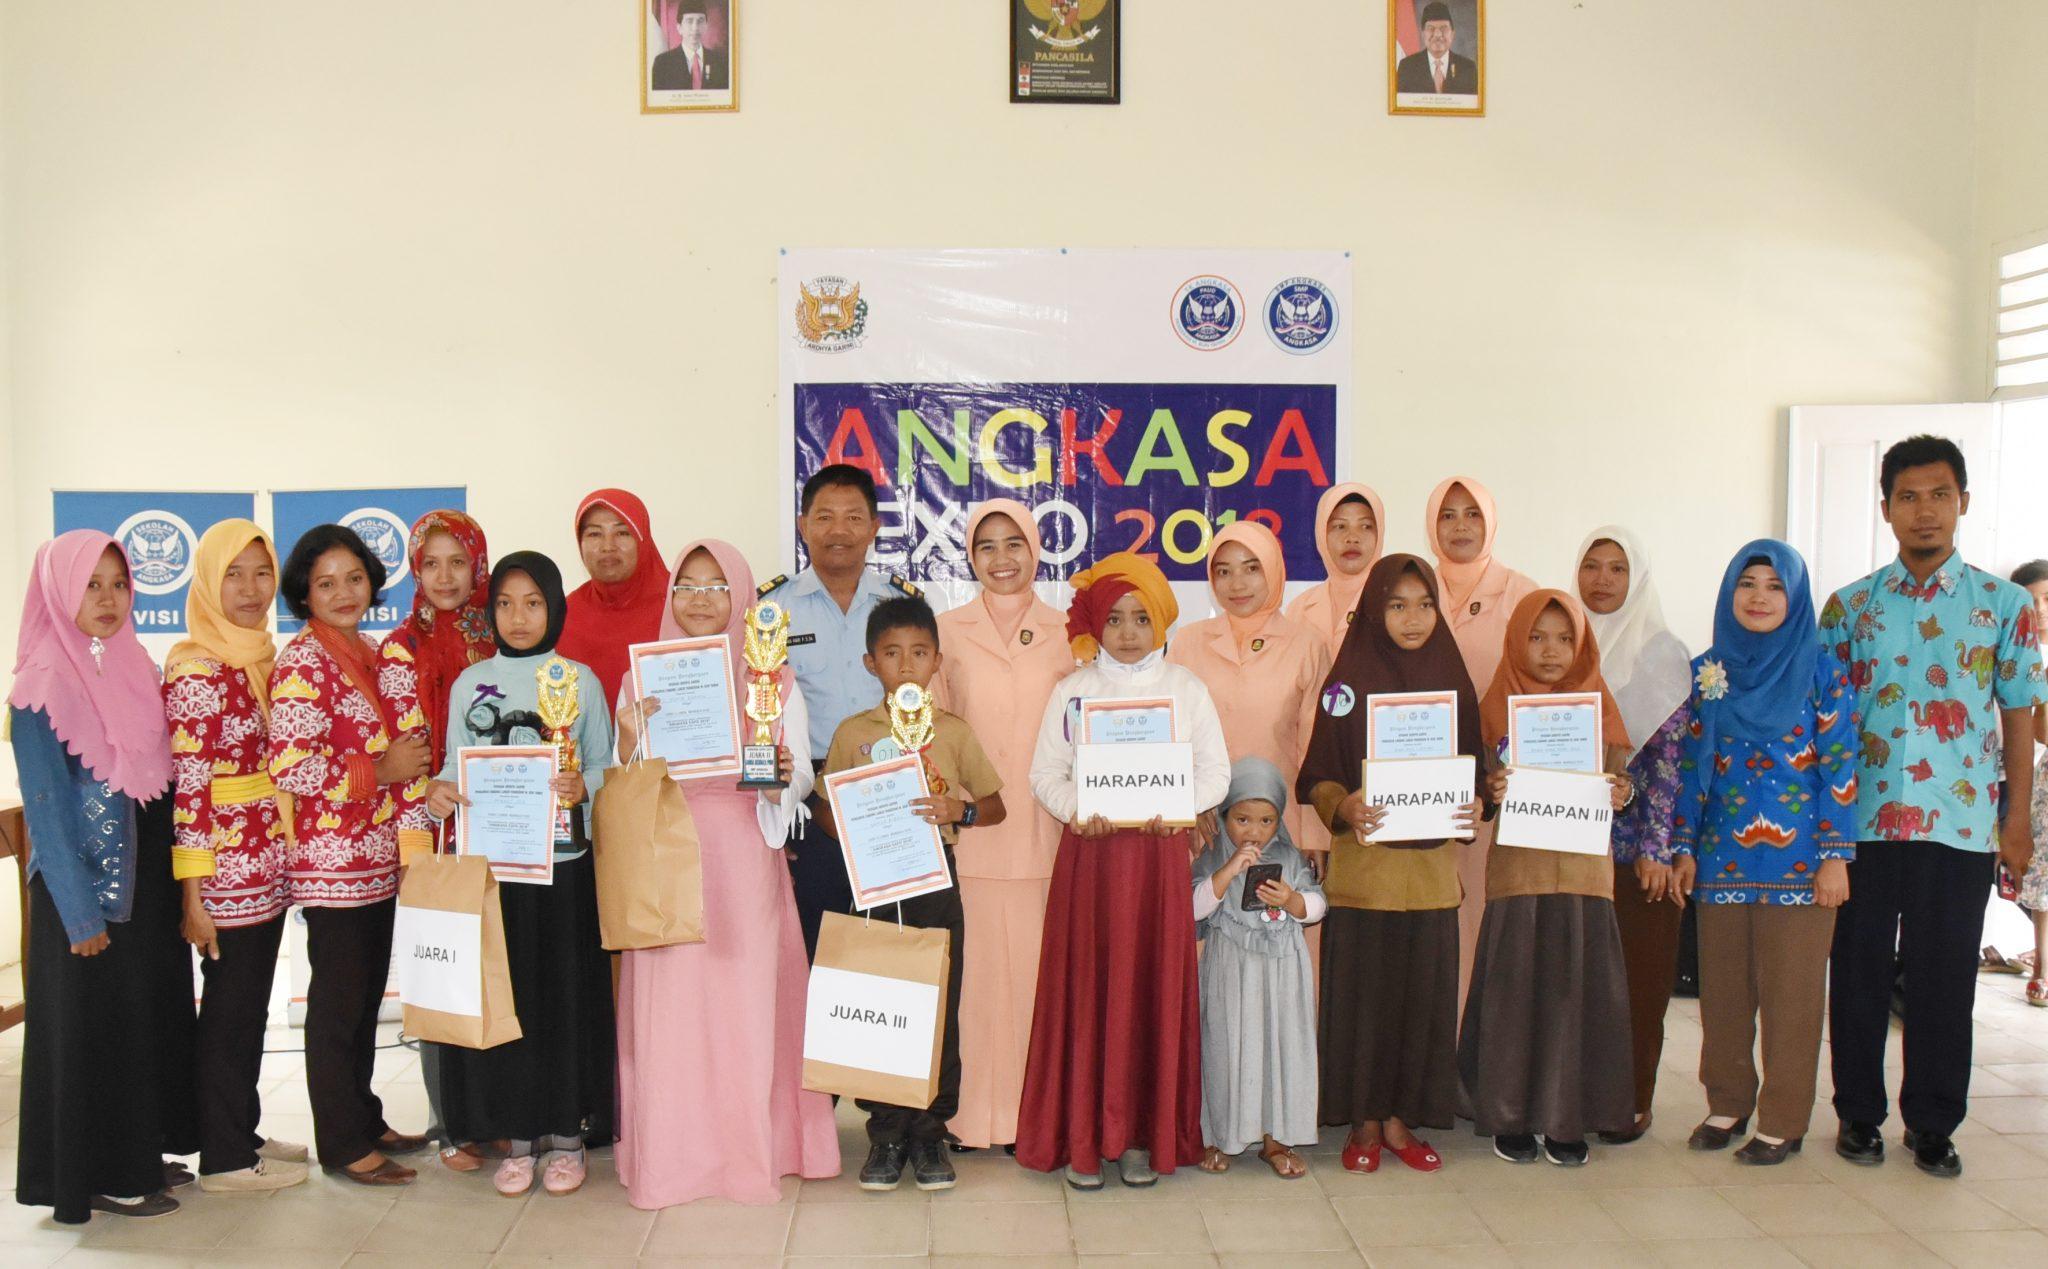 Lanud Pangeran M. Bun Yamin Mengadakan Kegiatan Angkasa Expo tahun 2018 di Sekolah TK Angkasa dan SMP Angkasa.